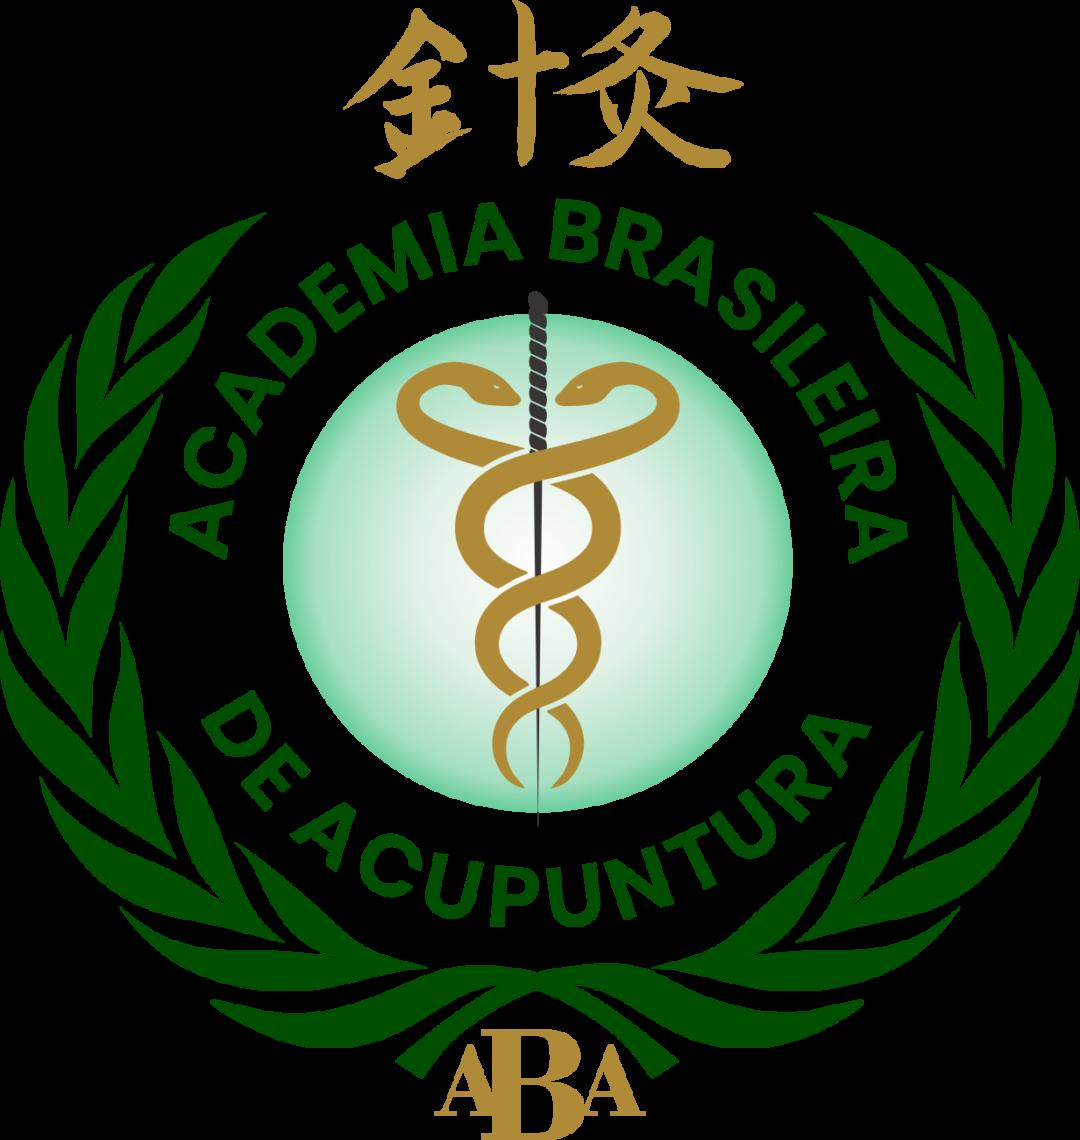 Academia Brasileira de Acupuntura